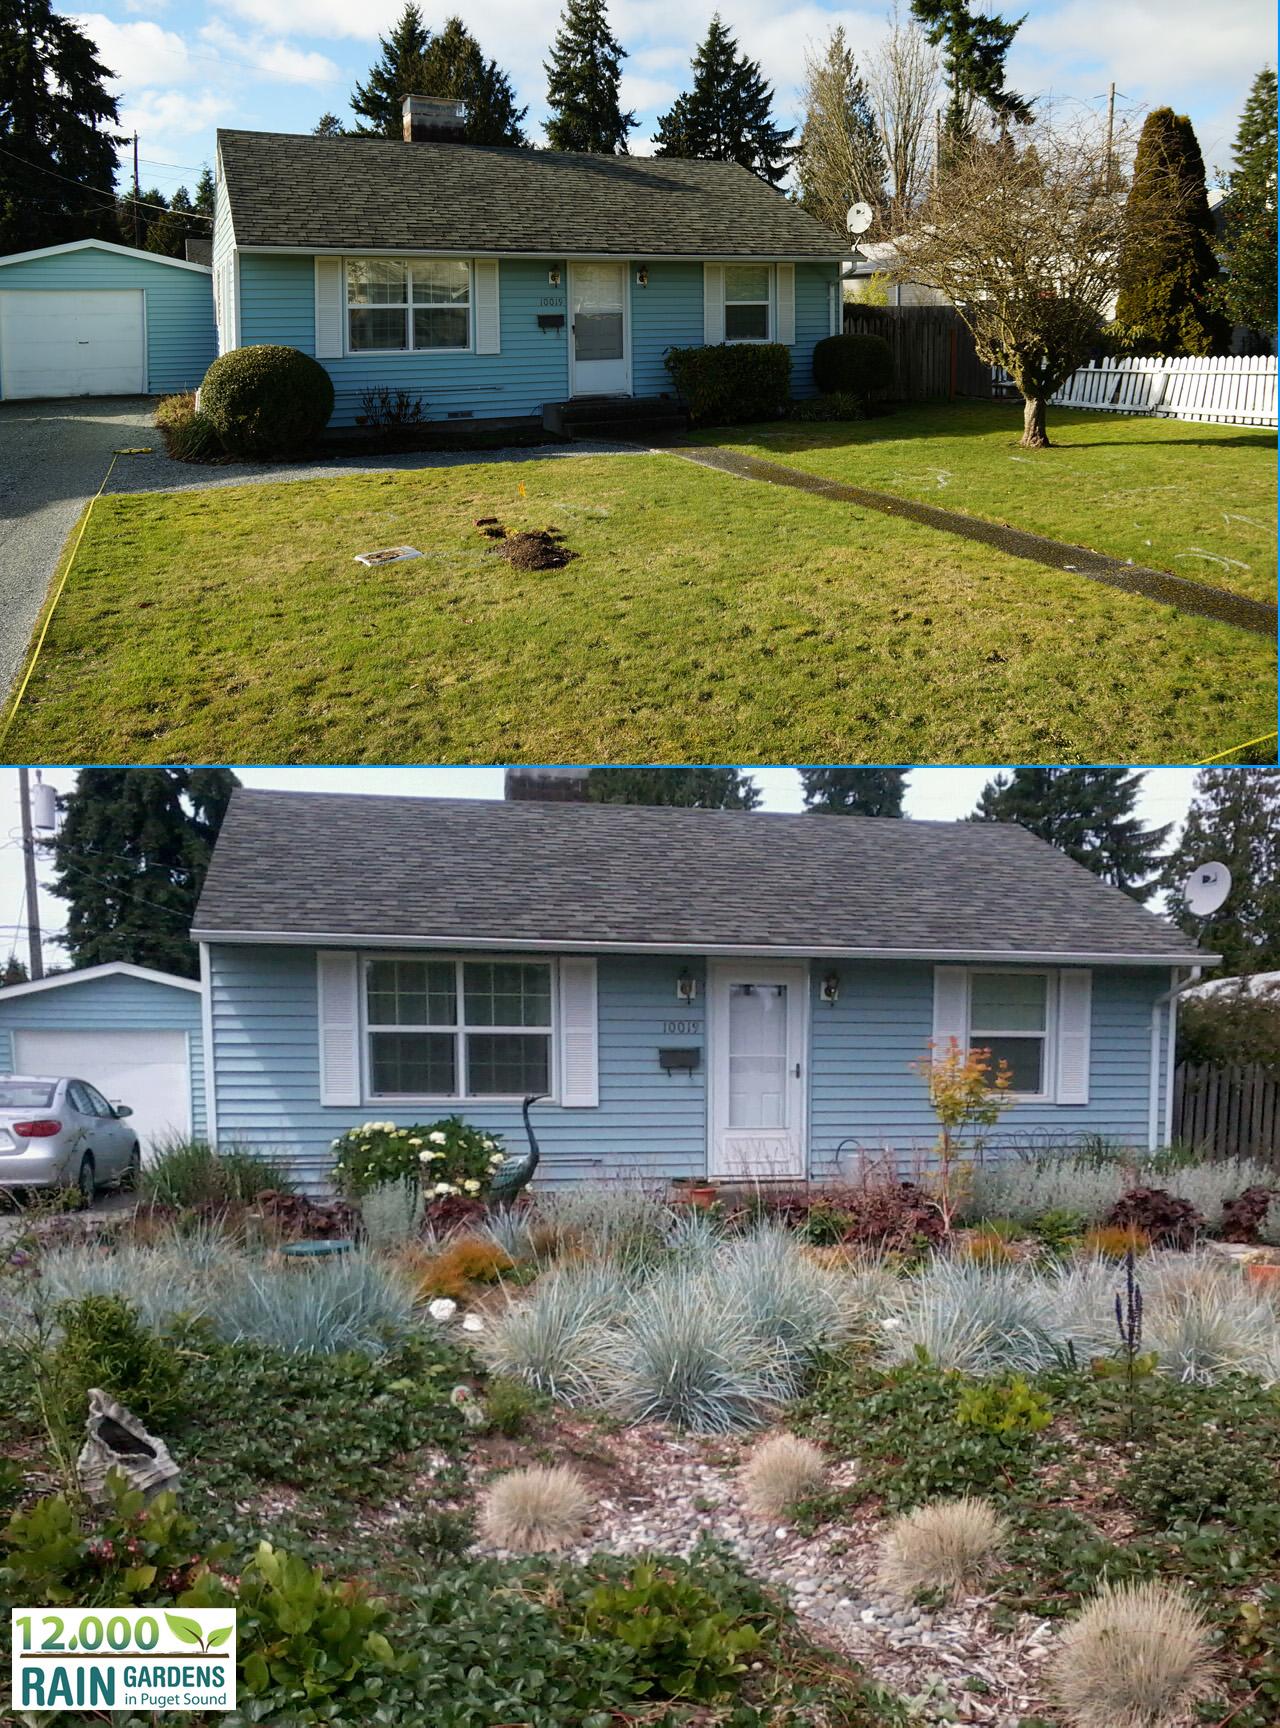 homeowners 12 000 rain gardens